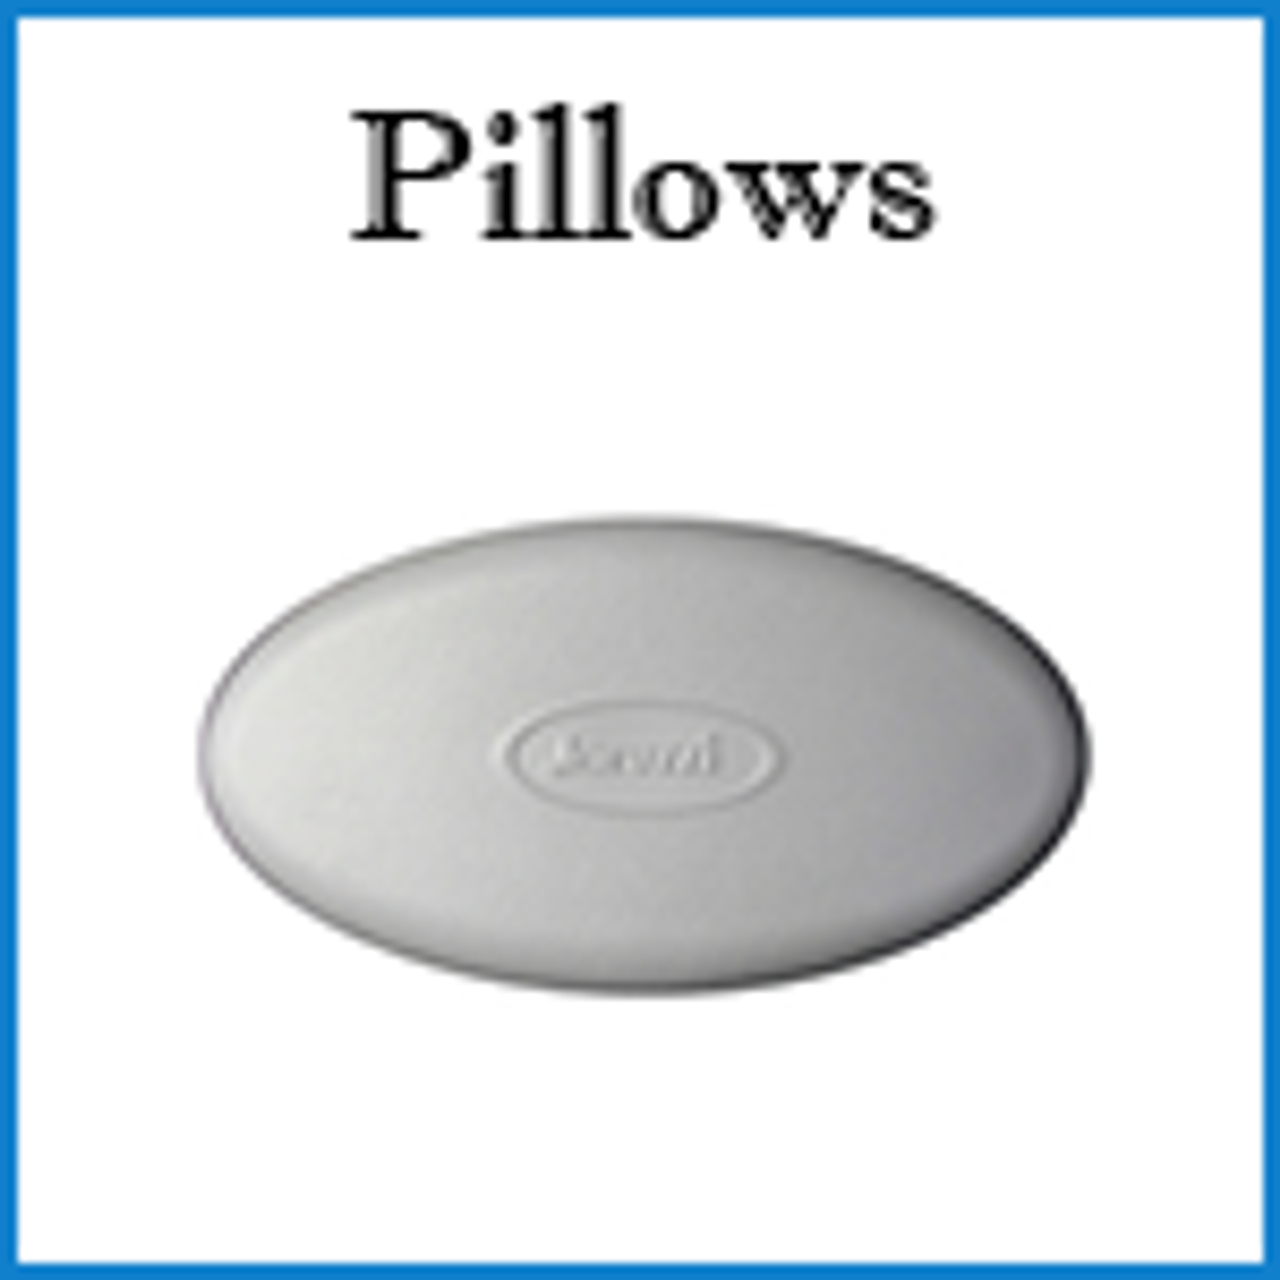 Hot Tub Pillows